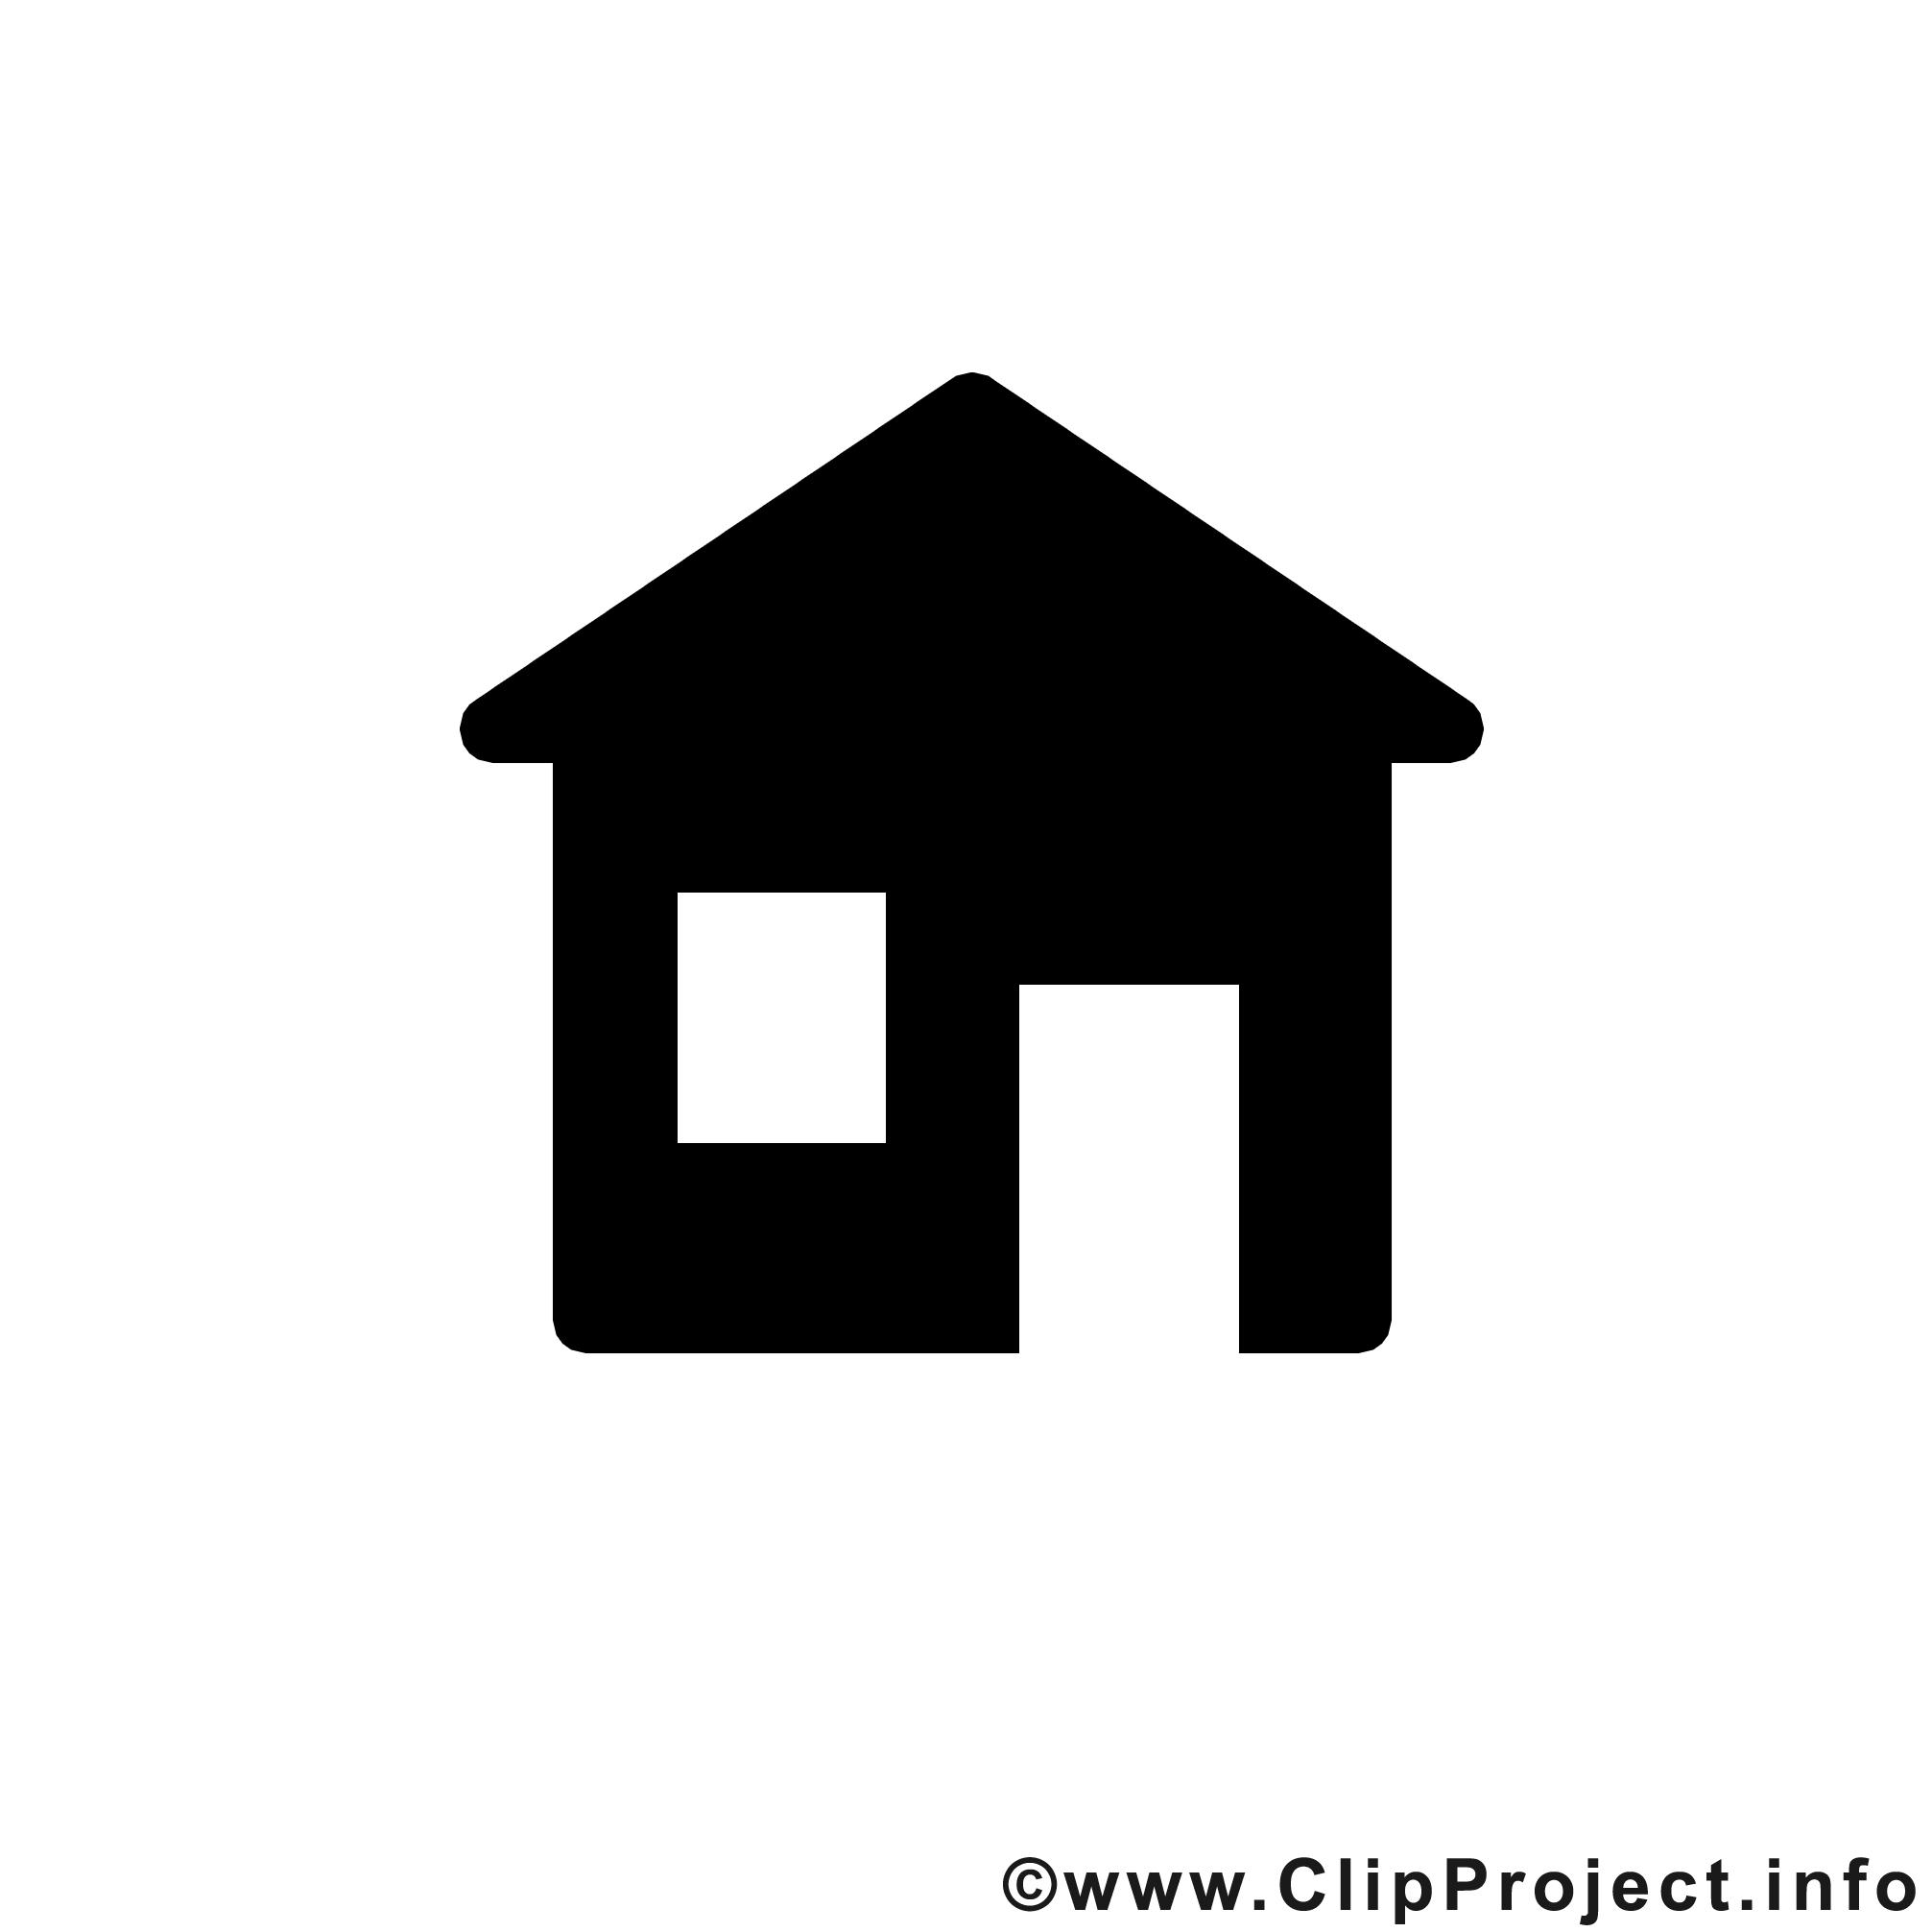 Maison dessin gratuit noir et blanc image noir et blanc dessin picture - Maison en noir et blanc ...